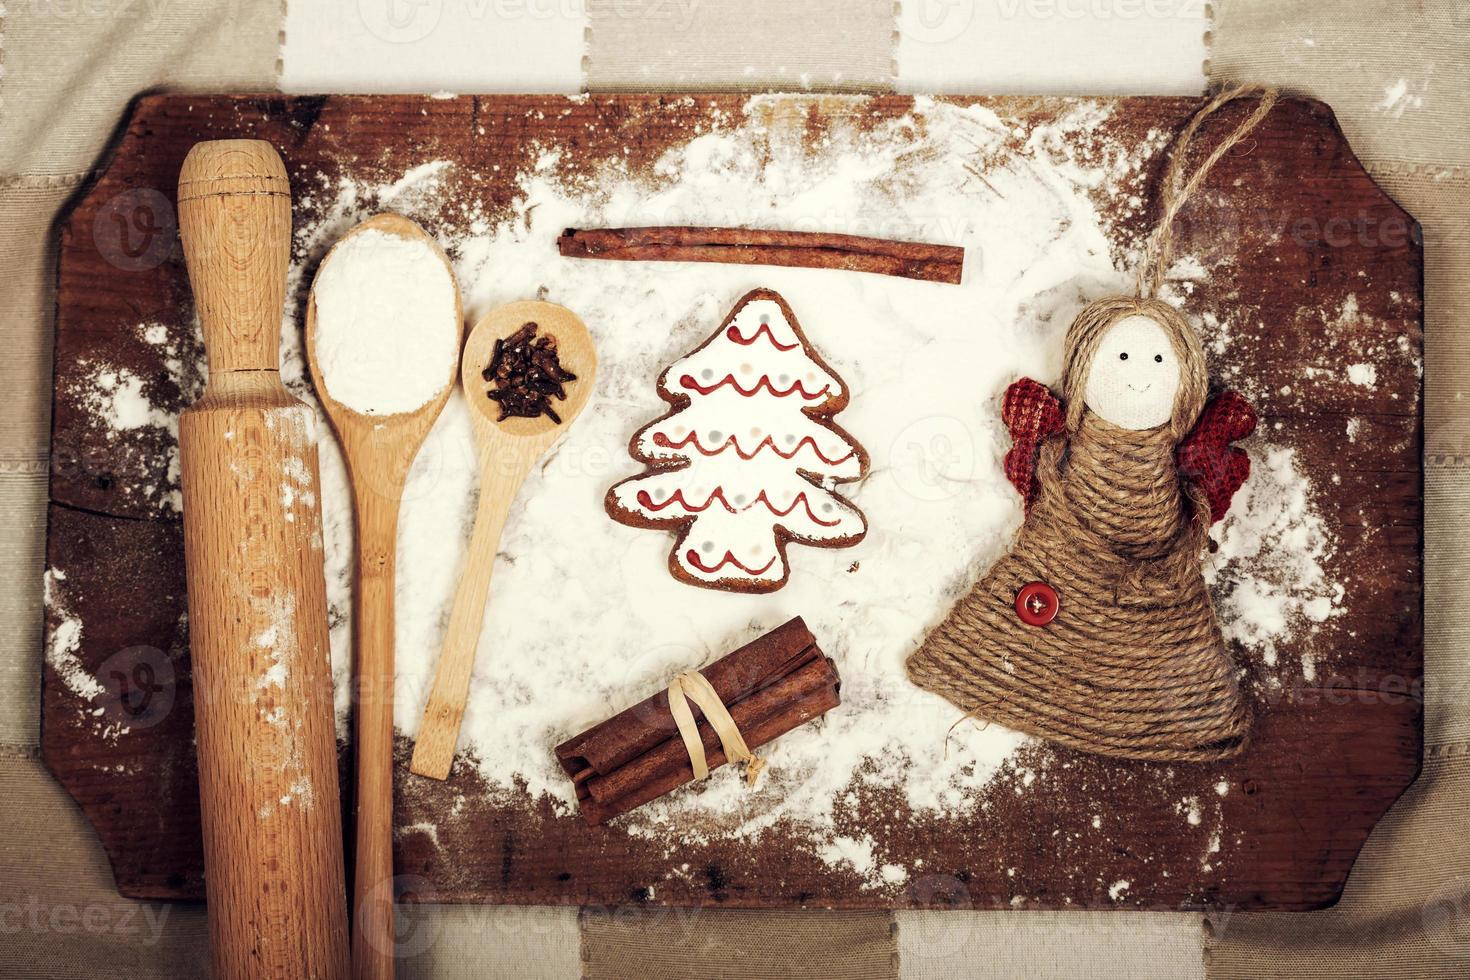 kerstkoekjes, specerijen en meel op houten snijplank foto